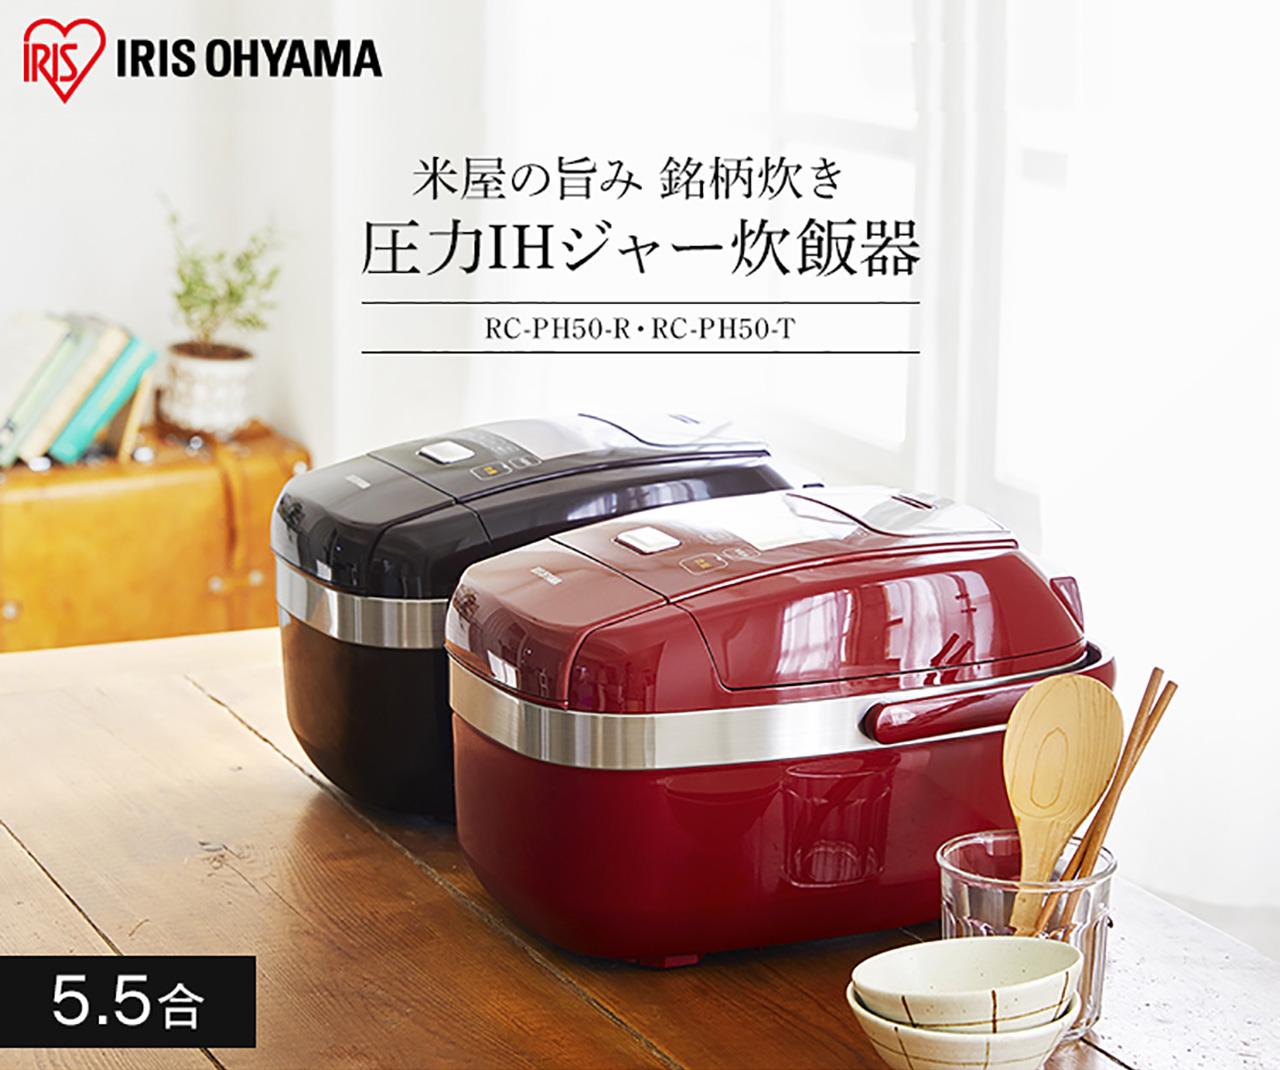 アイリスオーヤマのIH炊飯器の特徴